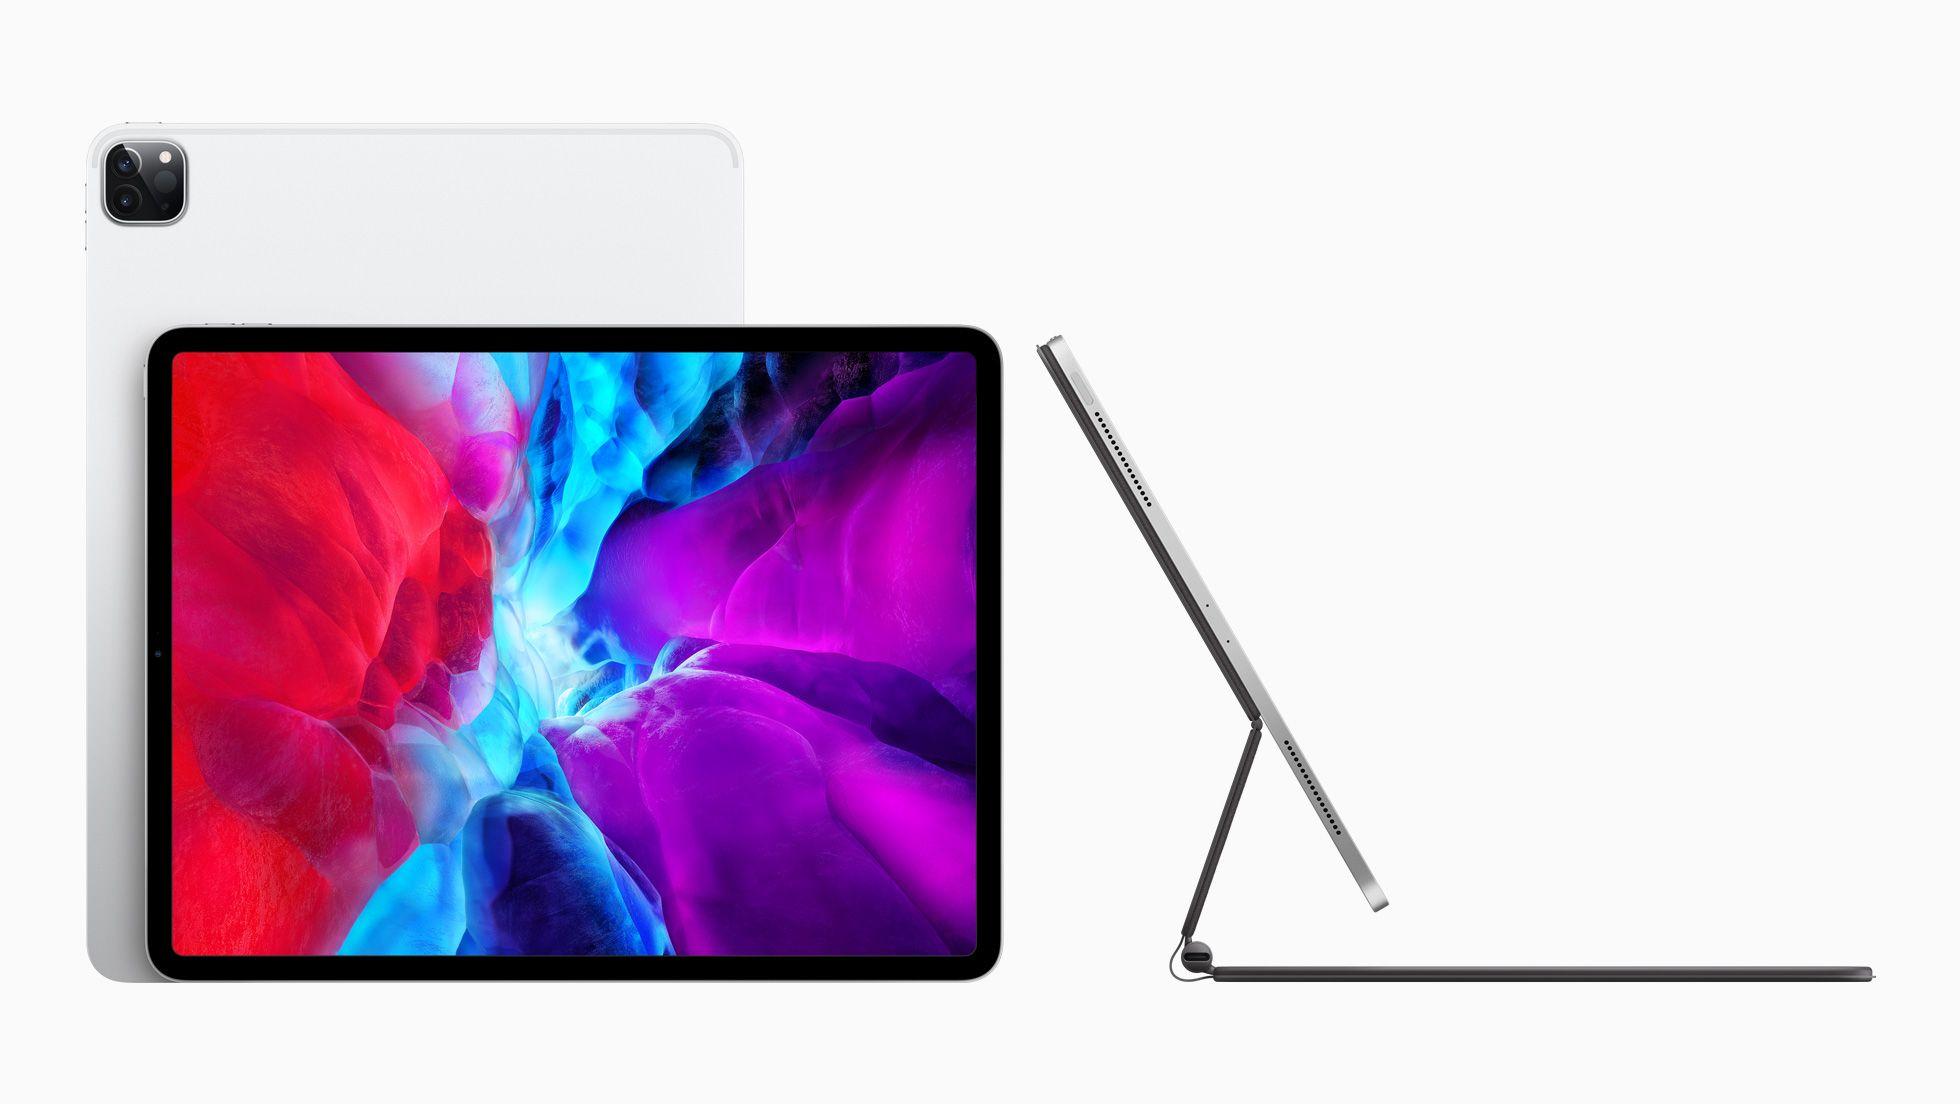 Apple planuje wprowadzićnowe rozmiary iPadów na rynek. Jeden z nich jużw tym roku!